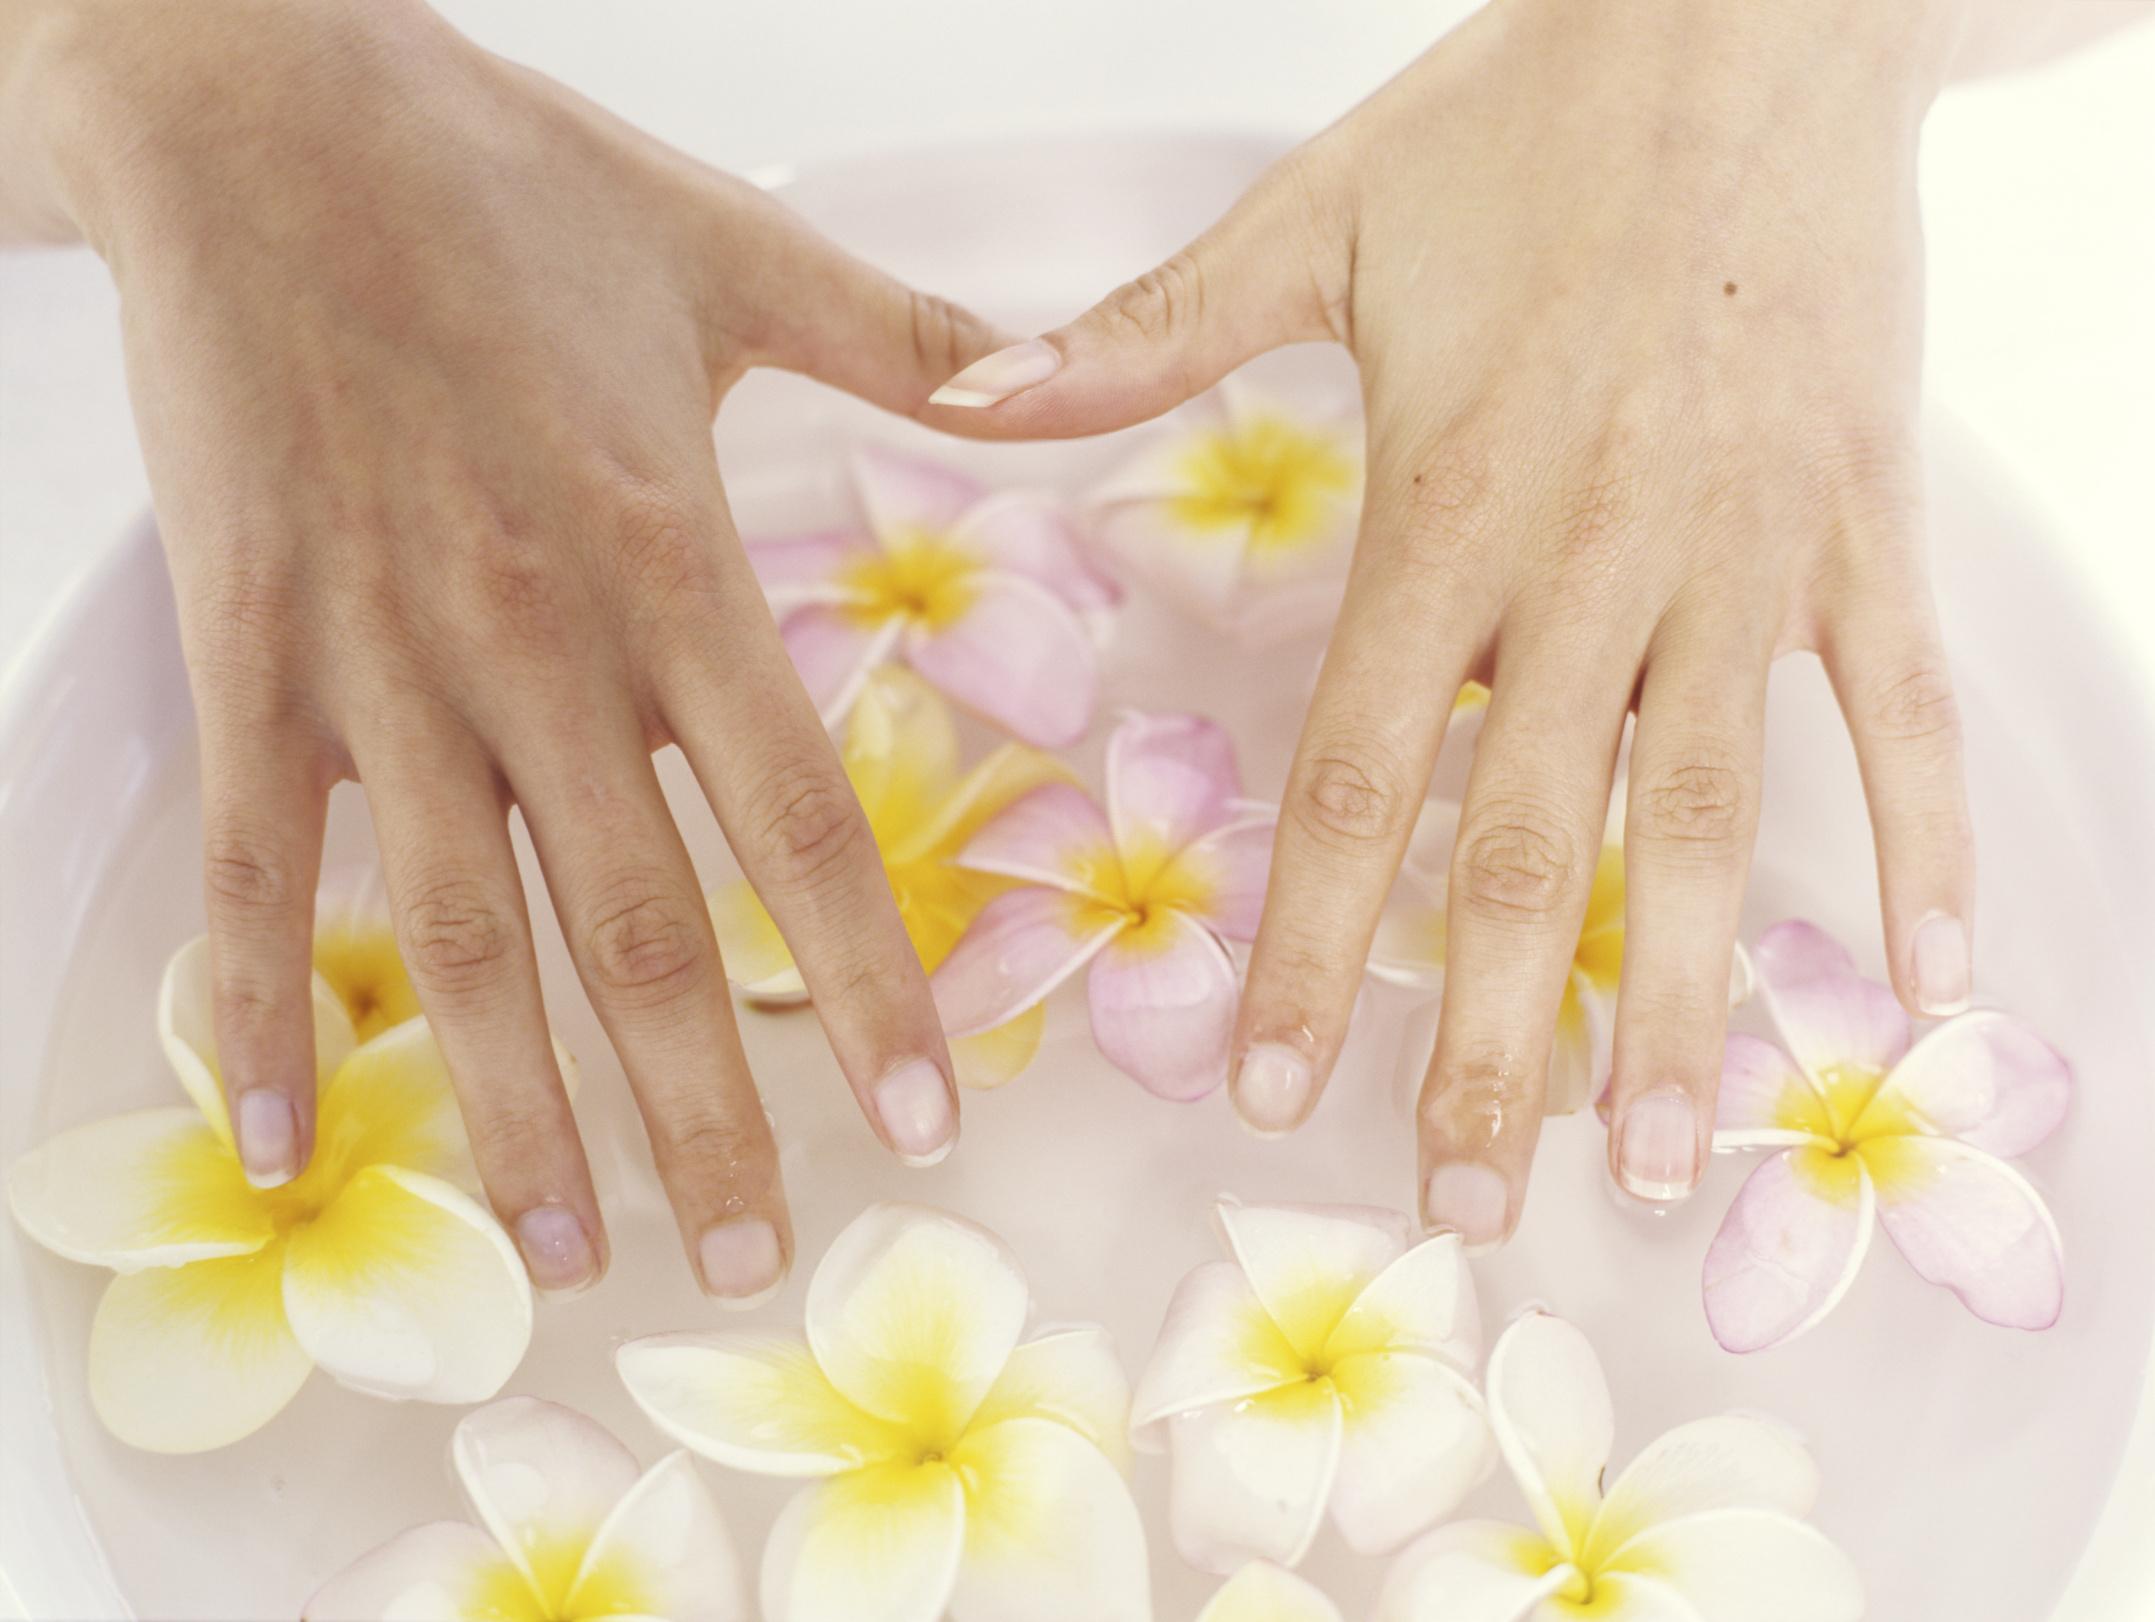 6 remedios naturales para hidratar las manos